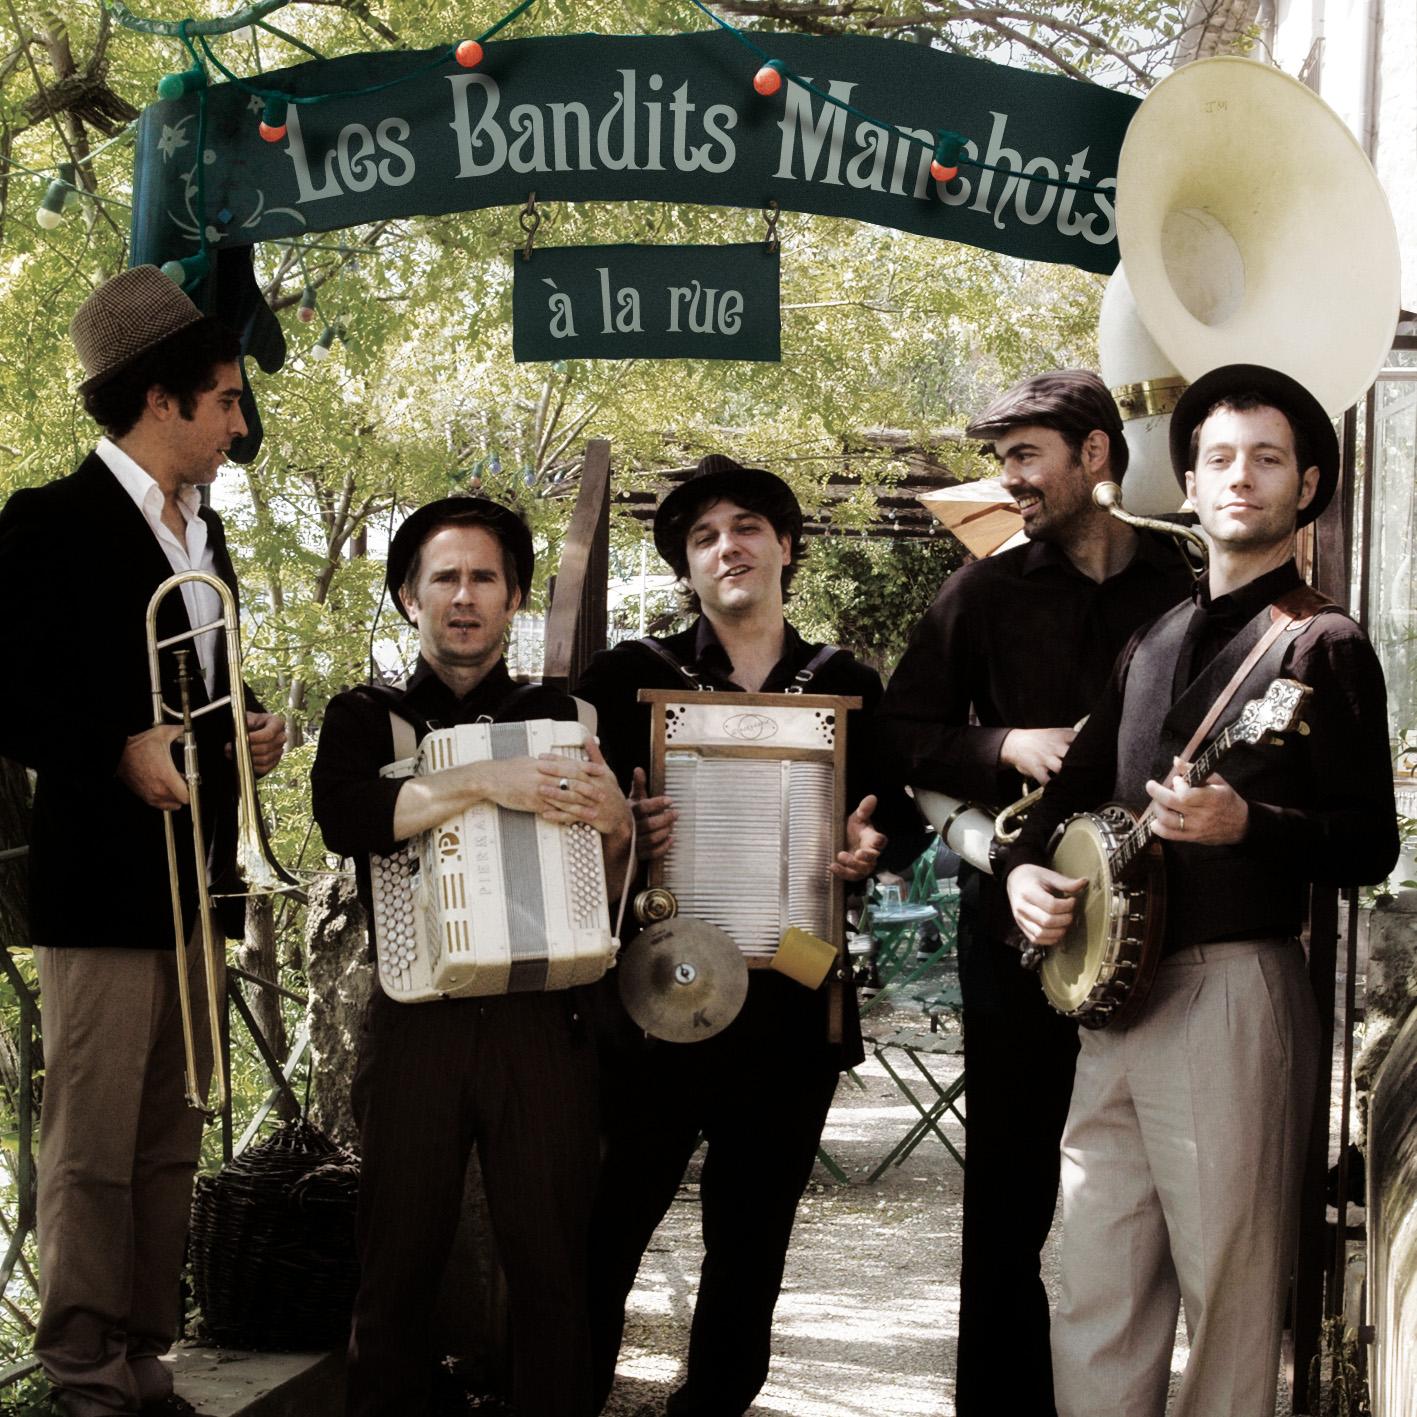 Les Bandits Manchots